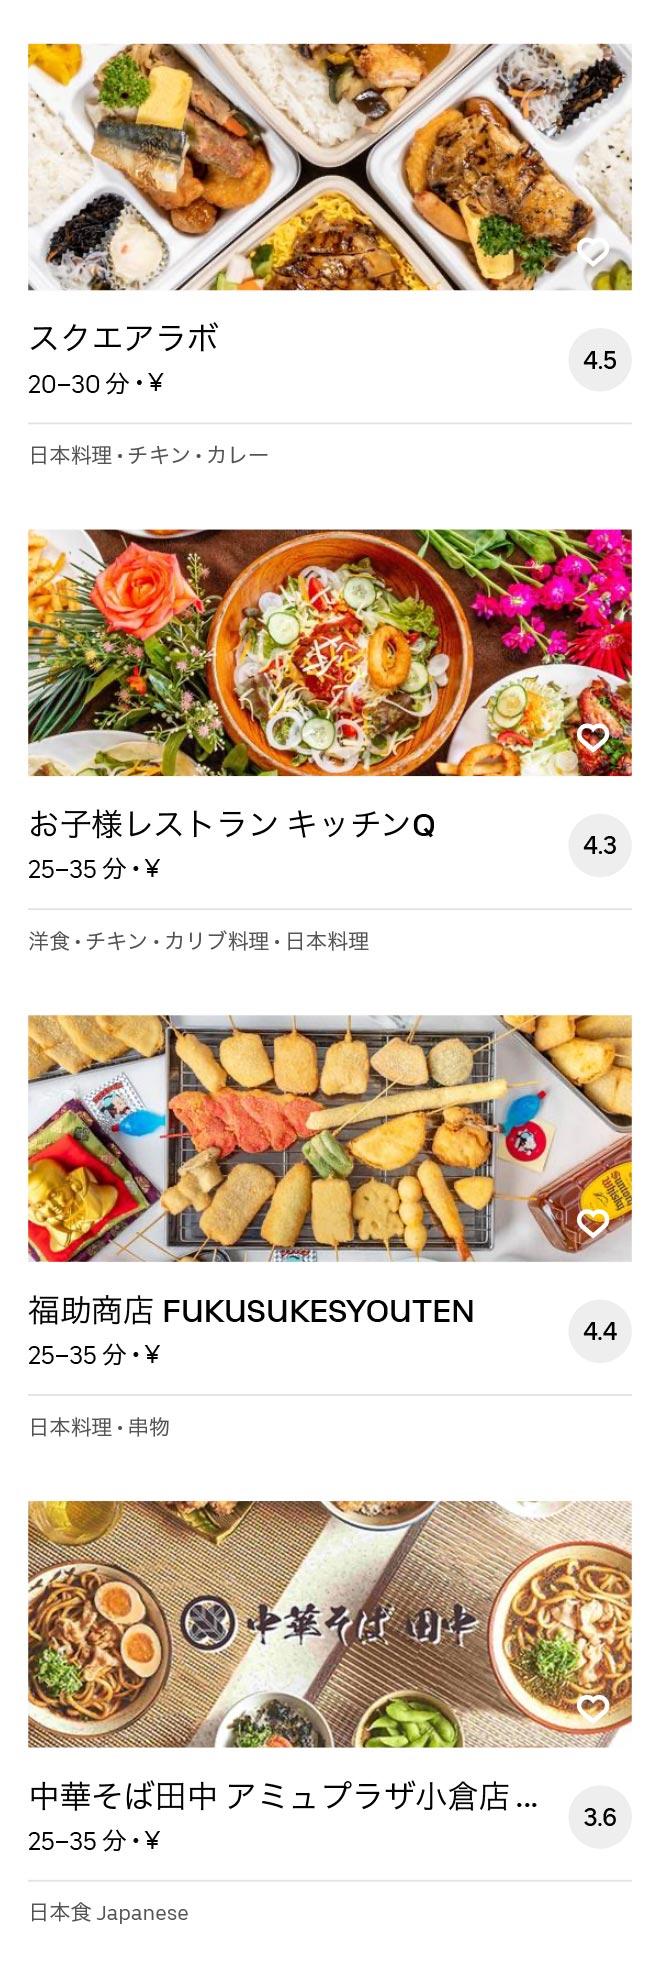 Kokura menu 2008 11